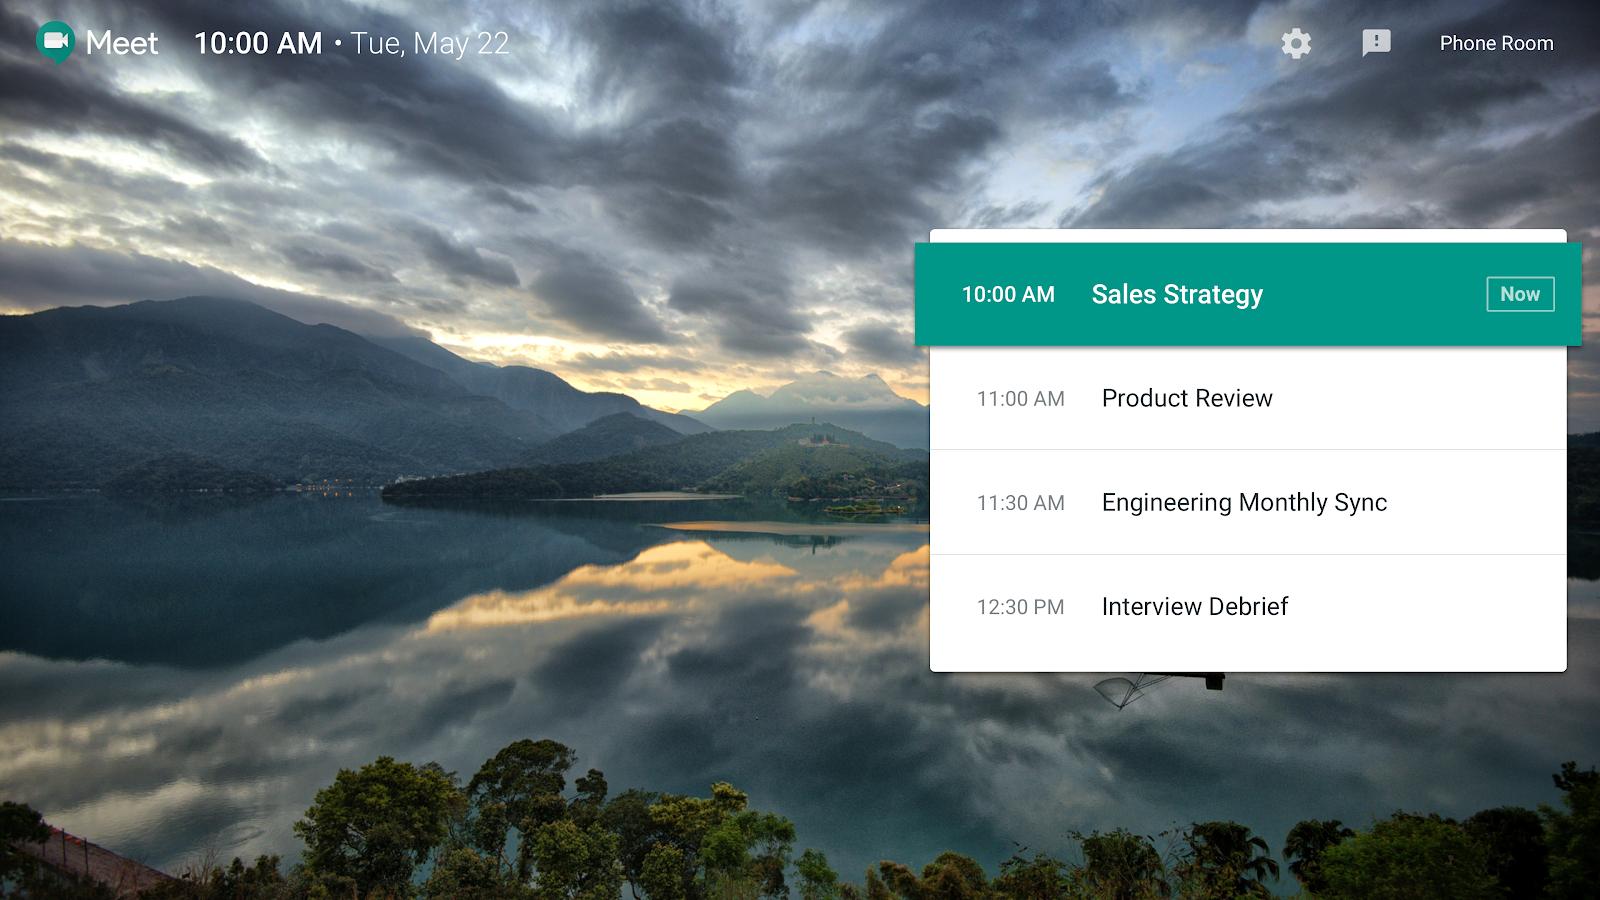 G Suite Updates Blog: Updates to Hangouts Meet home screen